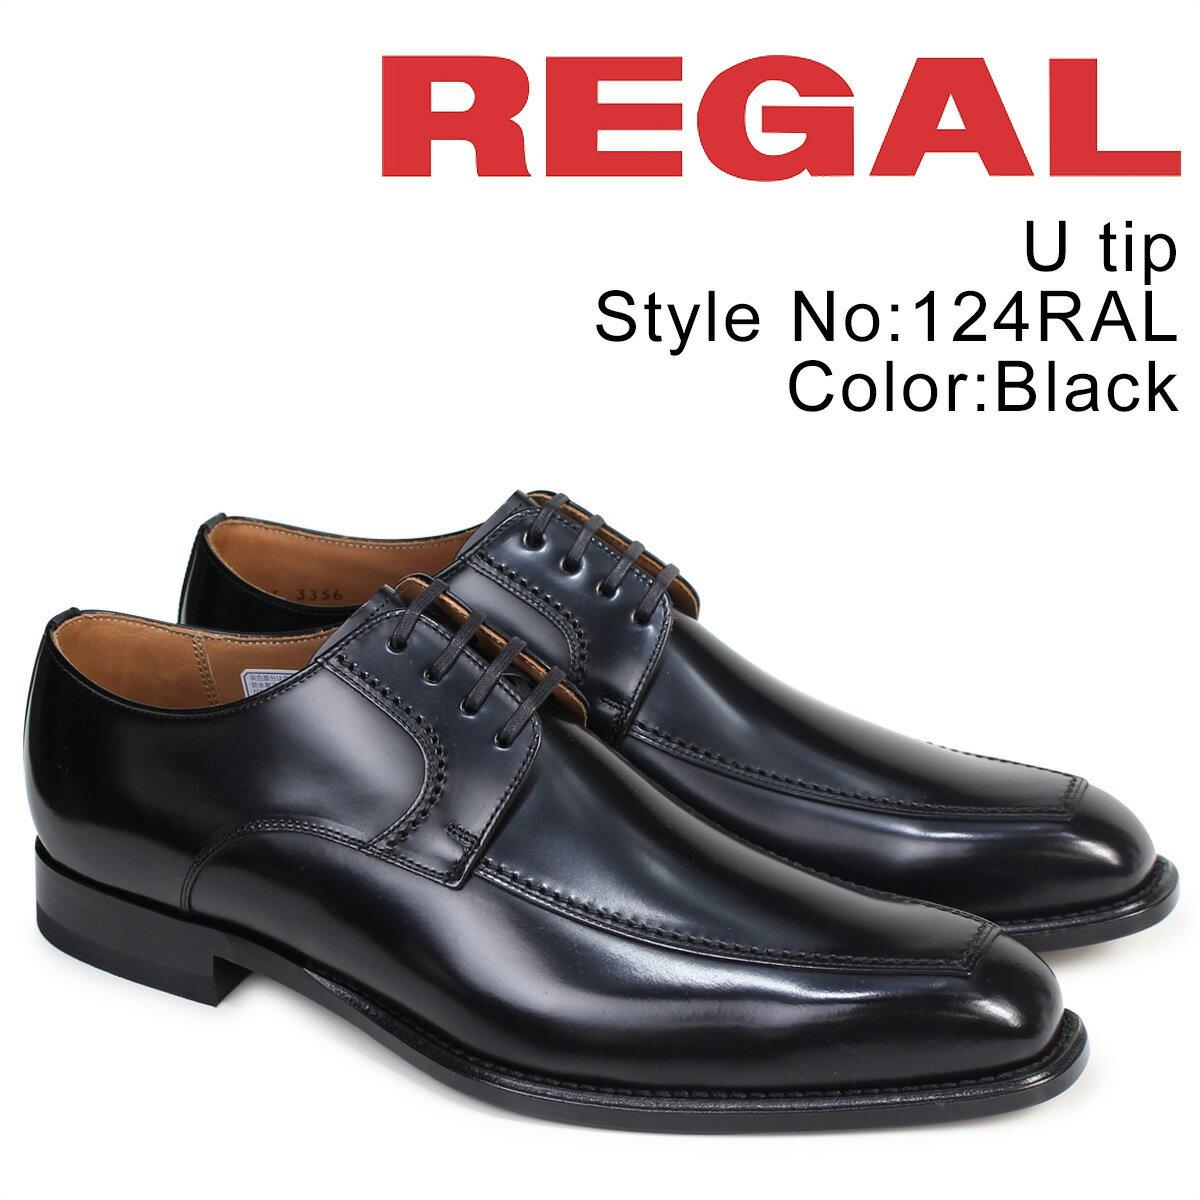 リーガル 靴 メンズ REGAL ビジネスシューズ スクエアトゥ 124RAL ブラック